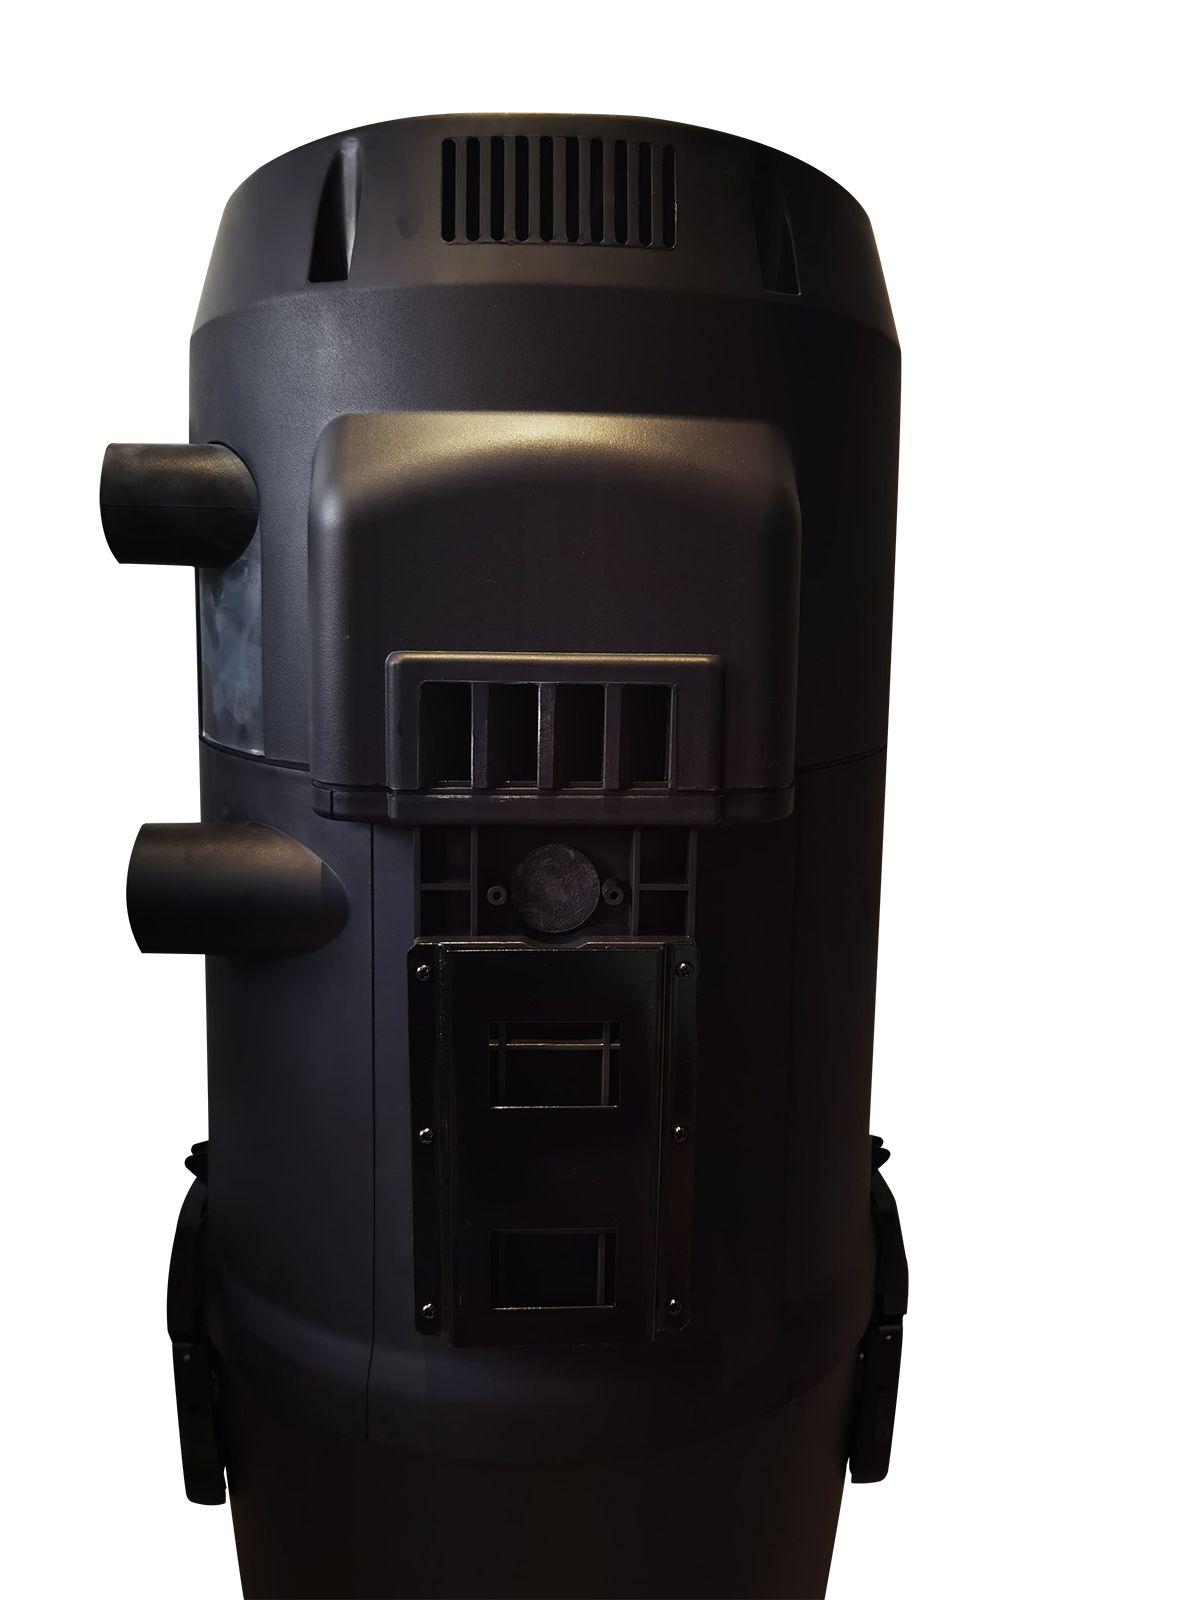 Support / Filtre à charbons moteur et silencieux intégrés à la centrale.